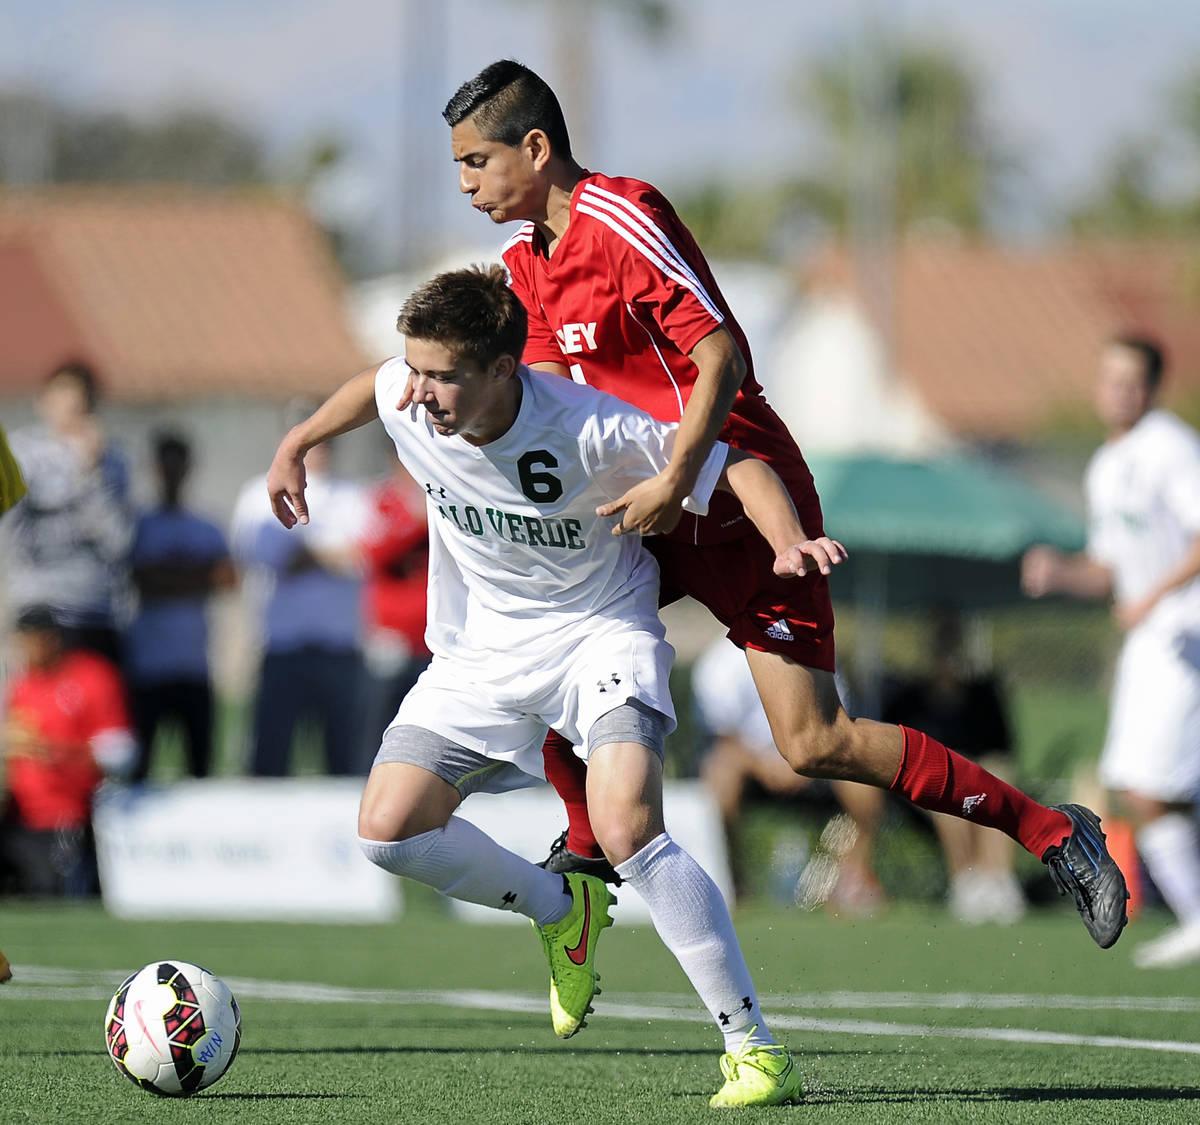 Valley midfielder John Cerda challenges Palo Verde midfielder Connor Ryan (6) during the Divisi ...